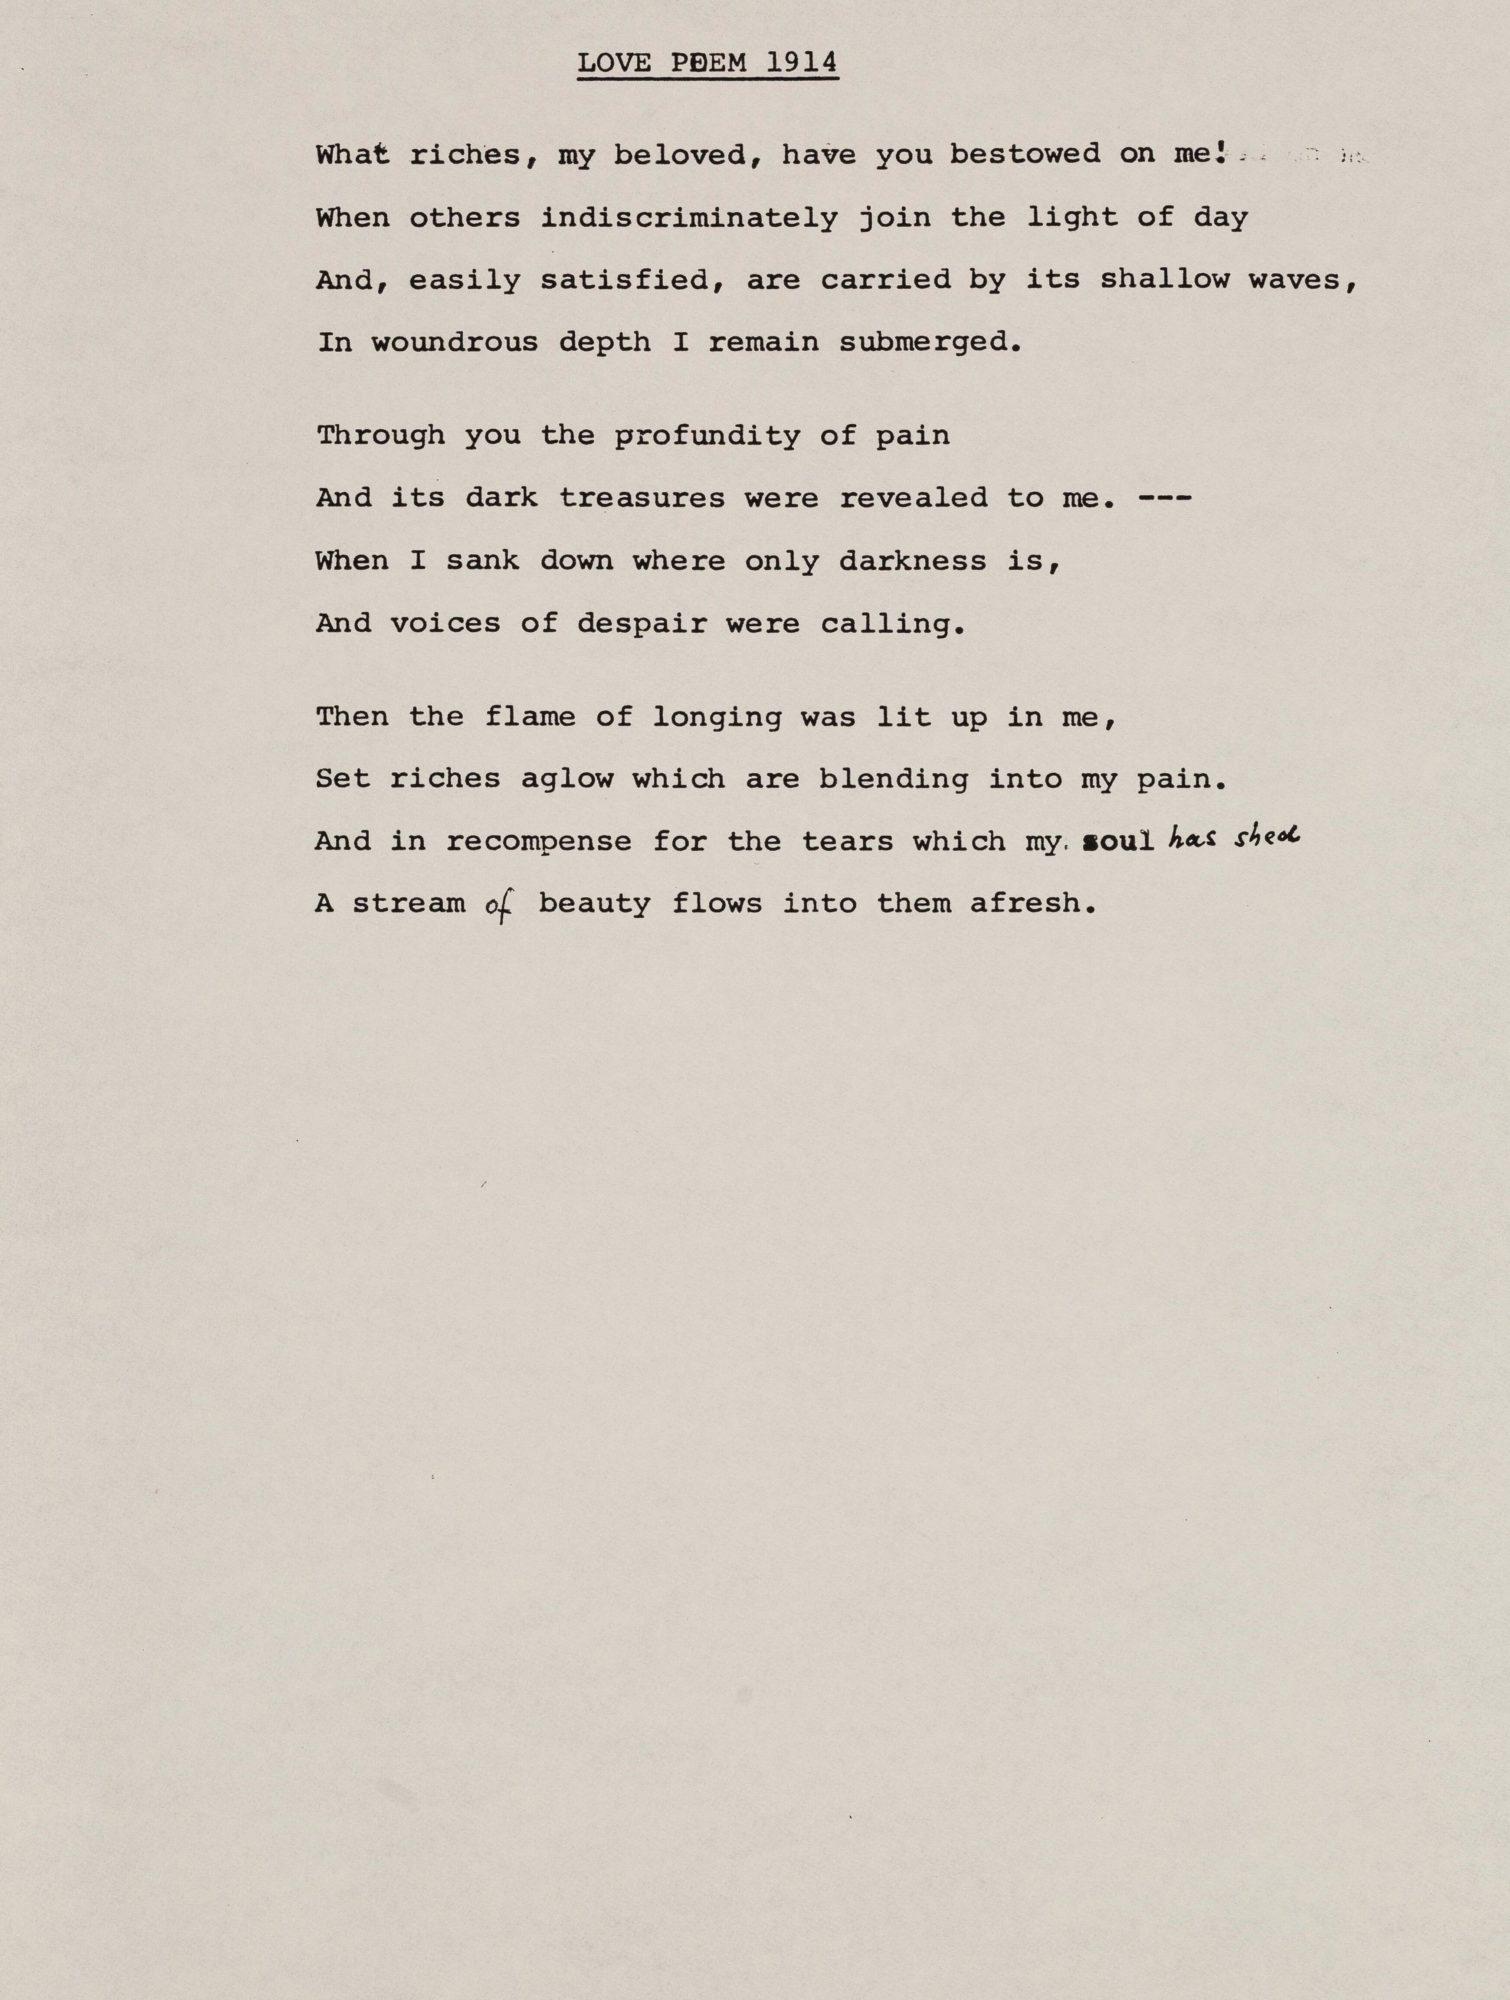 Перевод стихотворения, написанного Кляйн в 1914 году